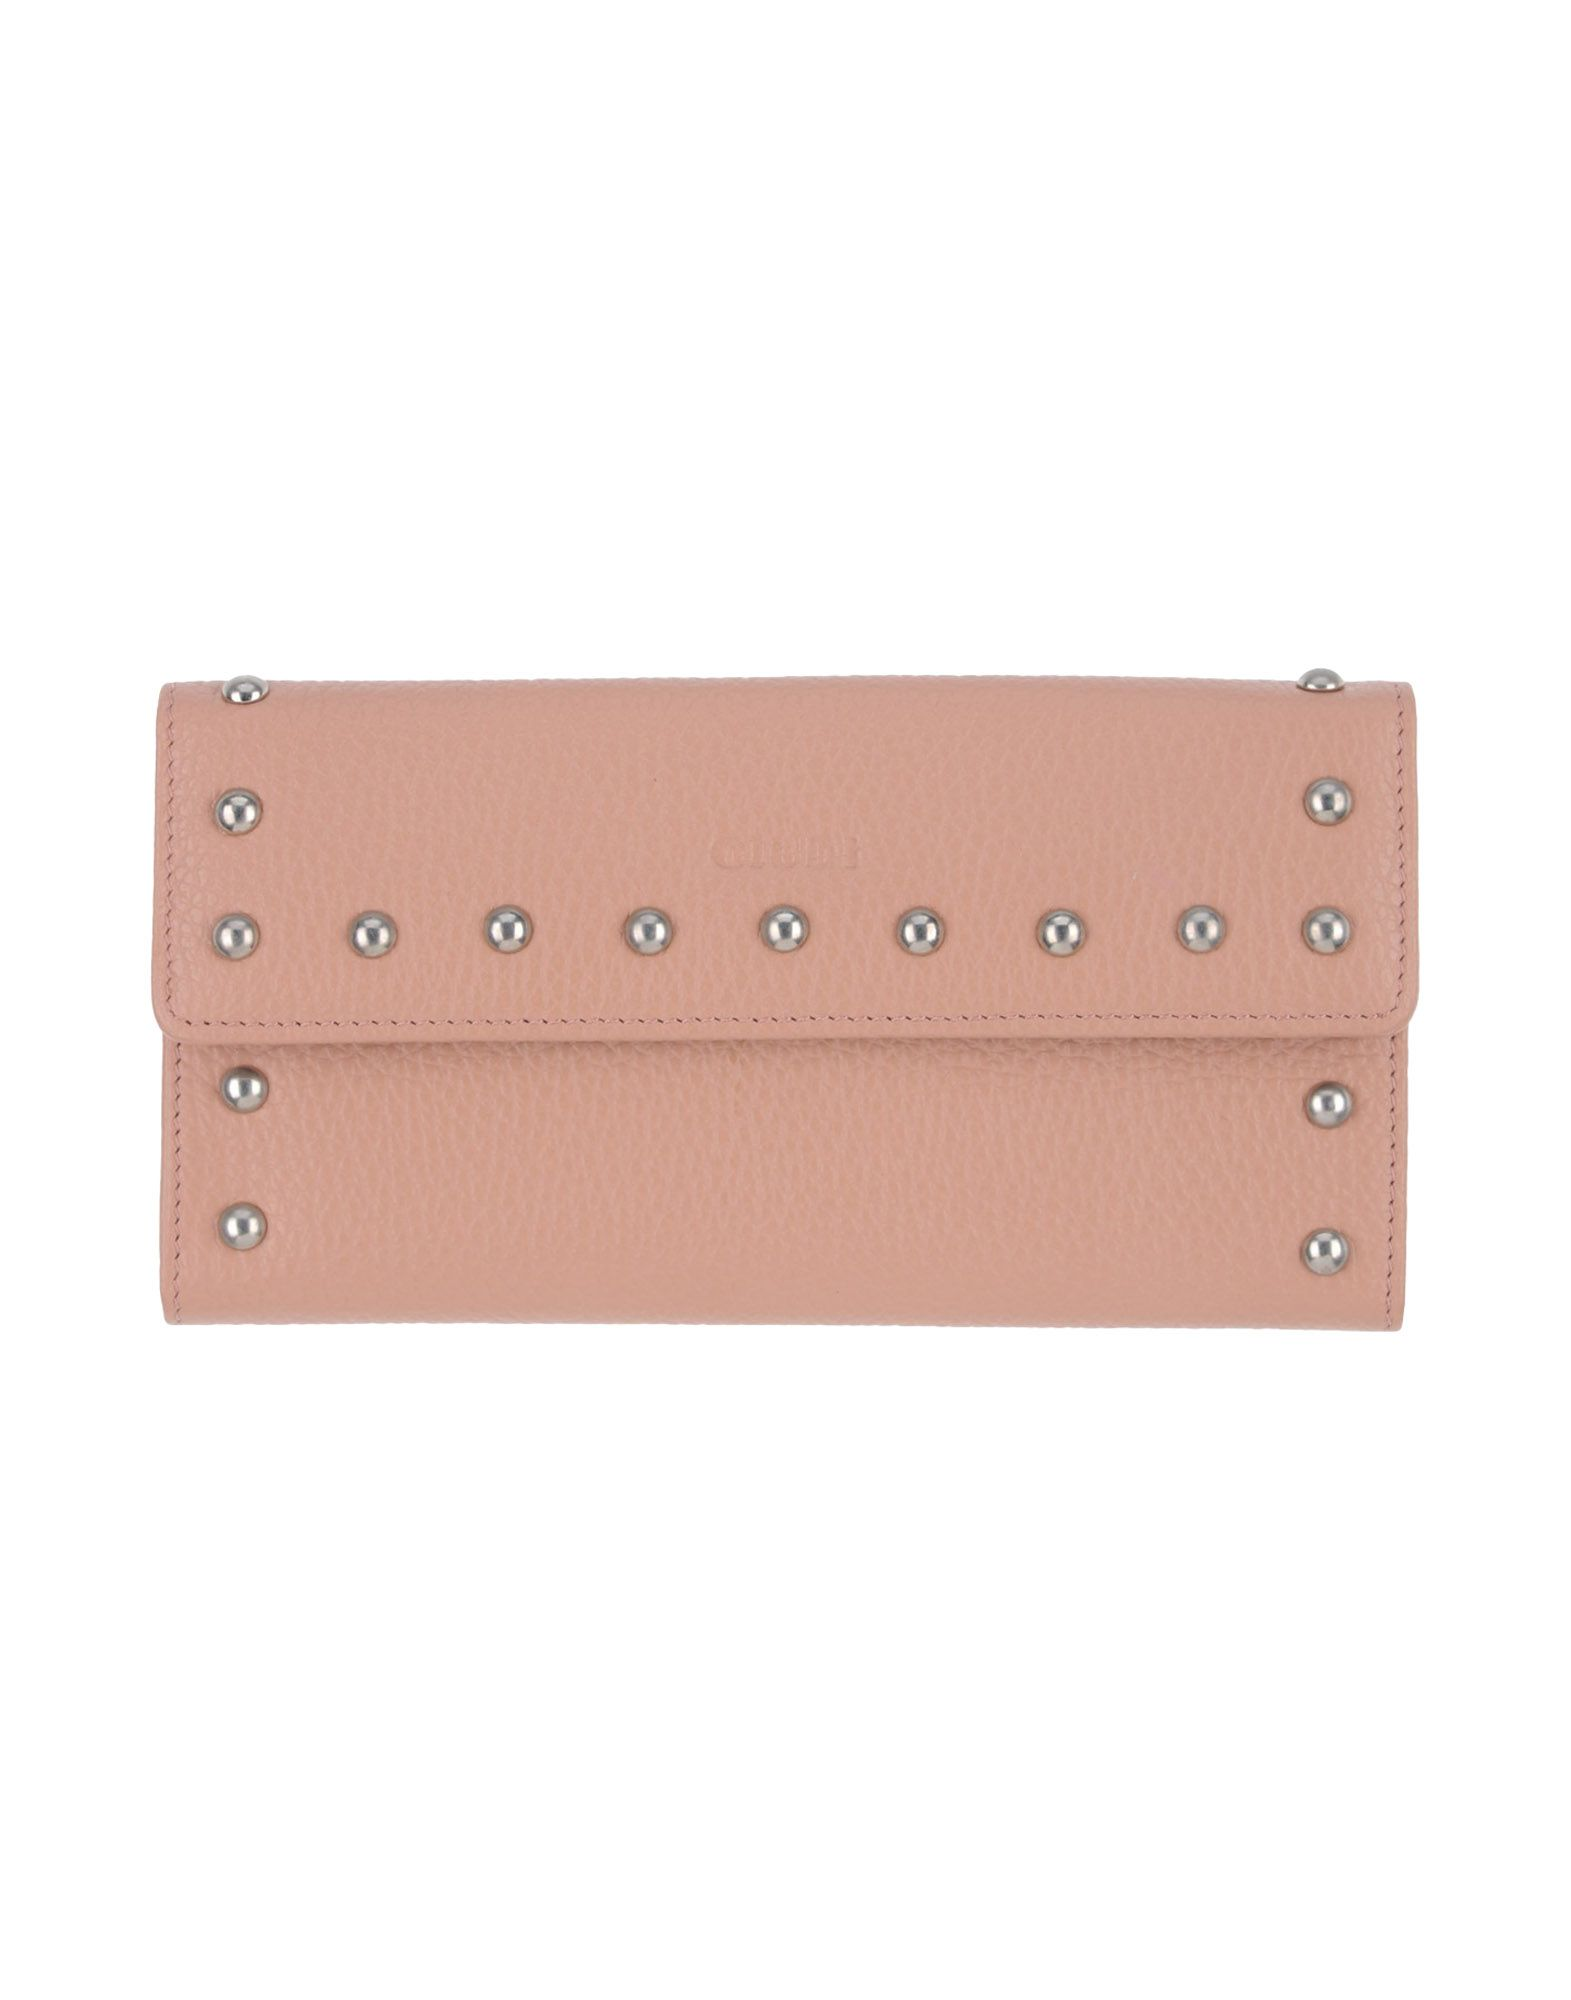 《送料無料》GIUDI レディース 財布 ローズピンク 革